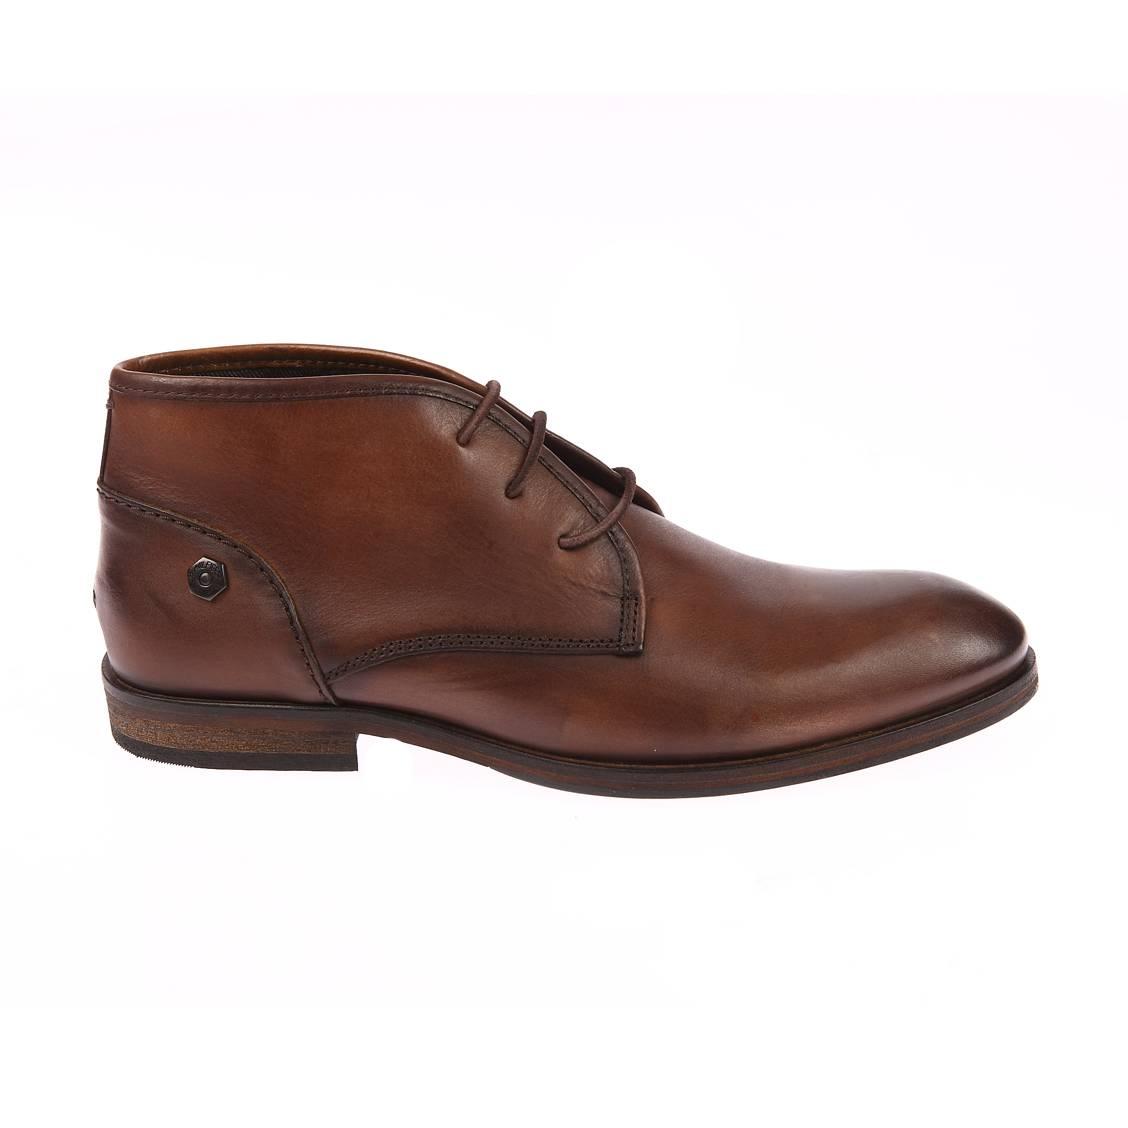 Chaussures Hilfiger Denim marron en cuir lisse. Chaussures de ville Hilfiger Denim  - Cuir lisse (100%)- Doublure et semelle de propreté : cuir